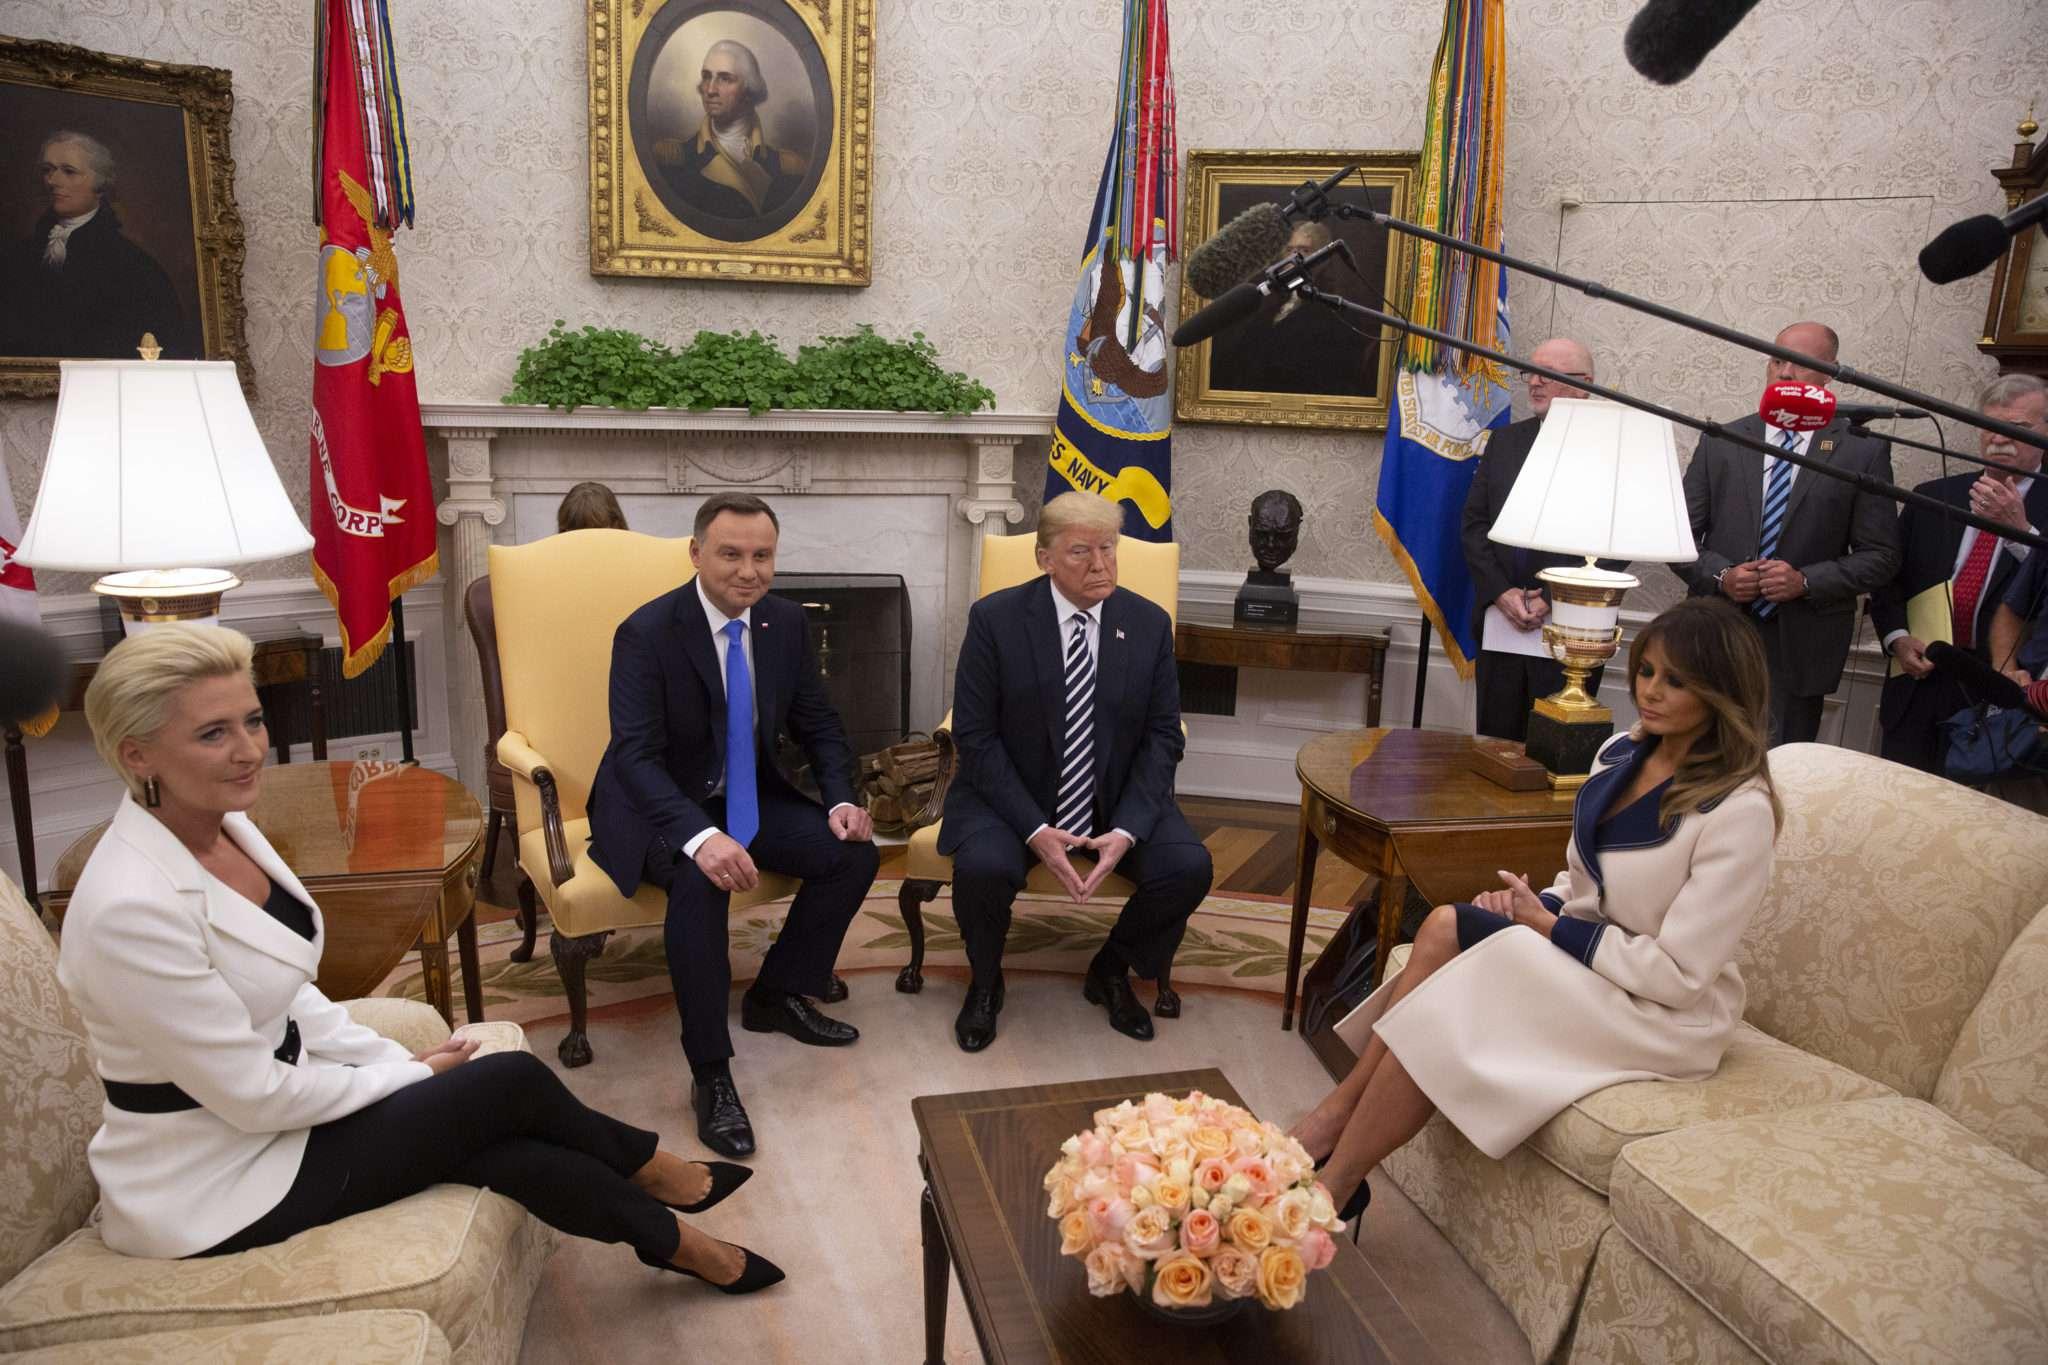 Para prezydencka podczas wizyty u Donalda i Melanii Trumpów w Białym Domu